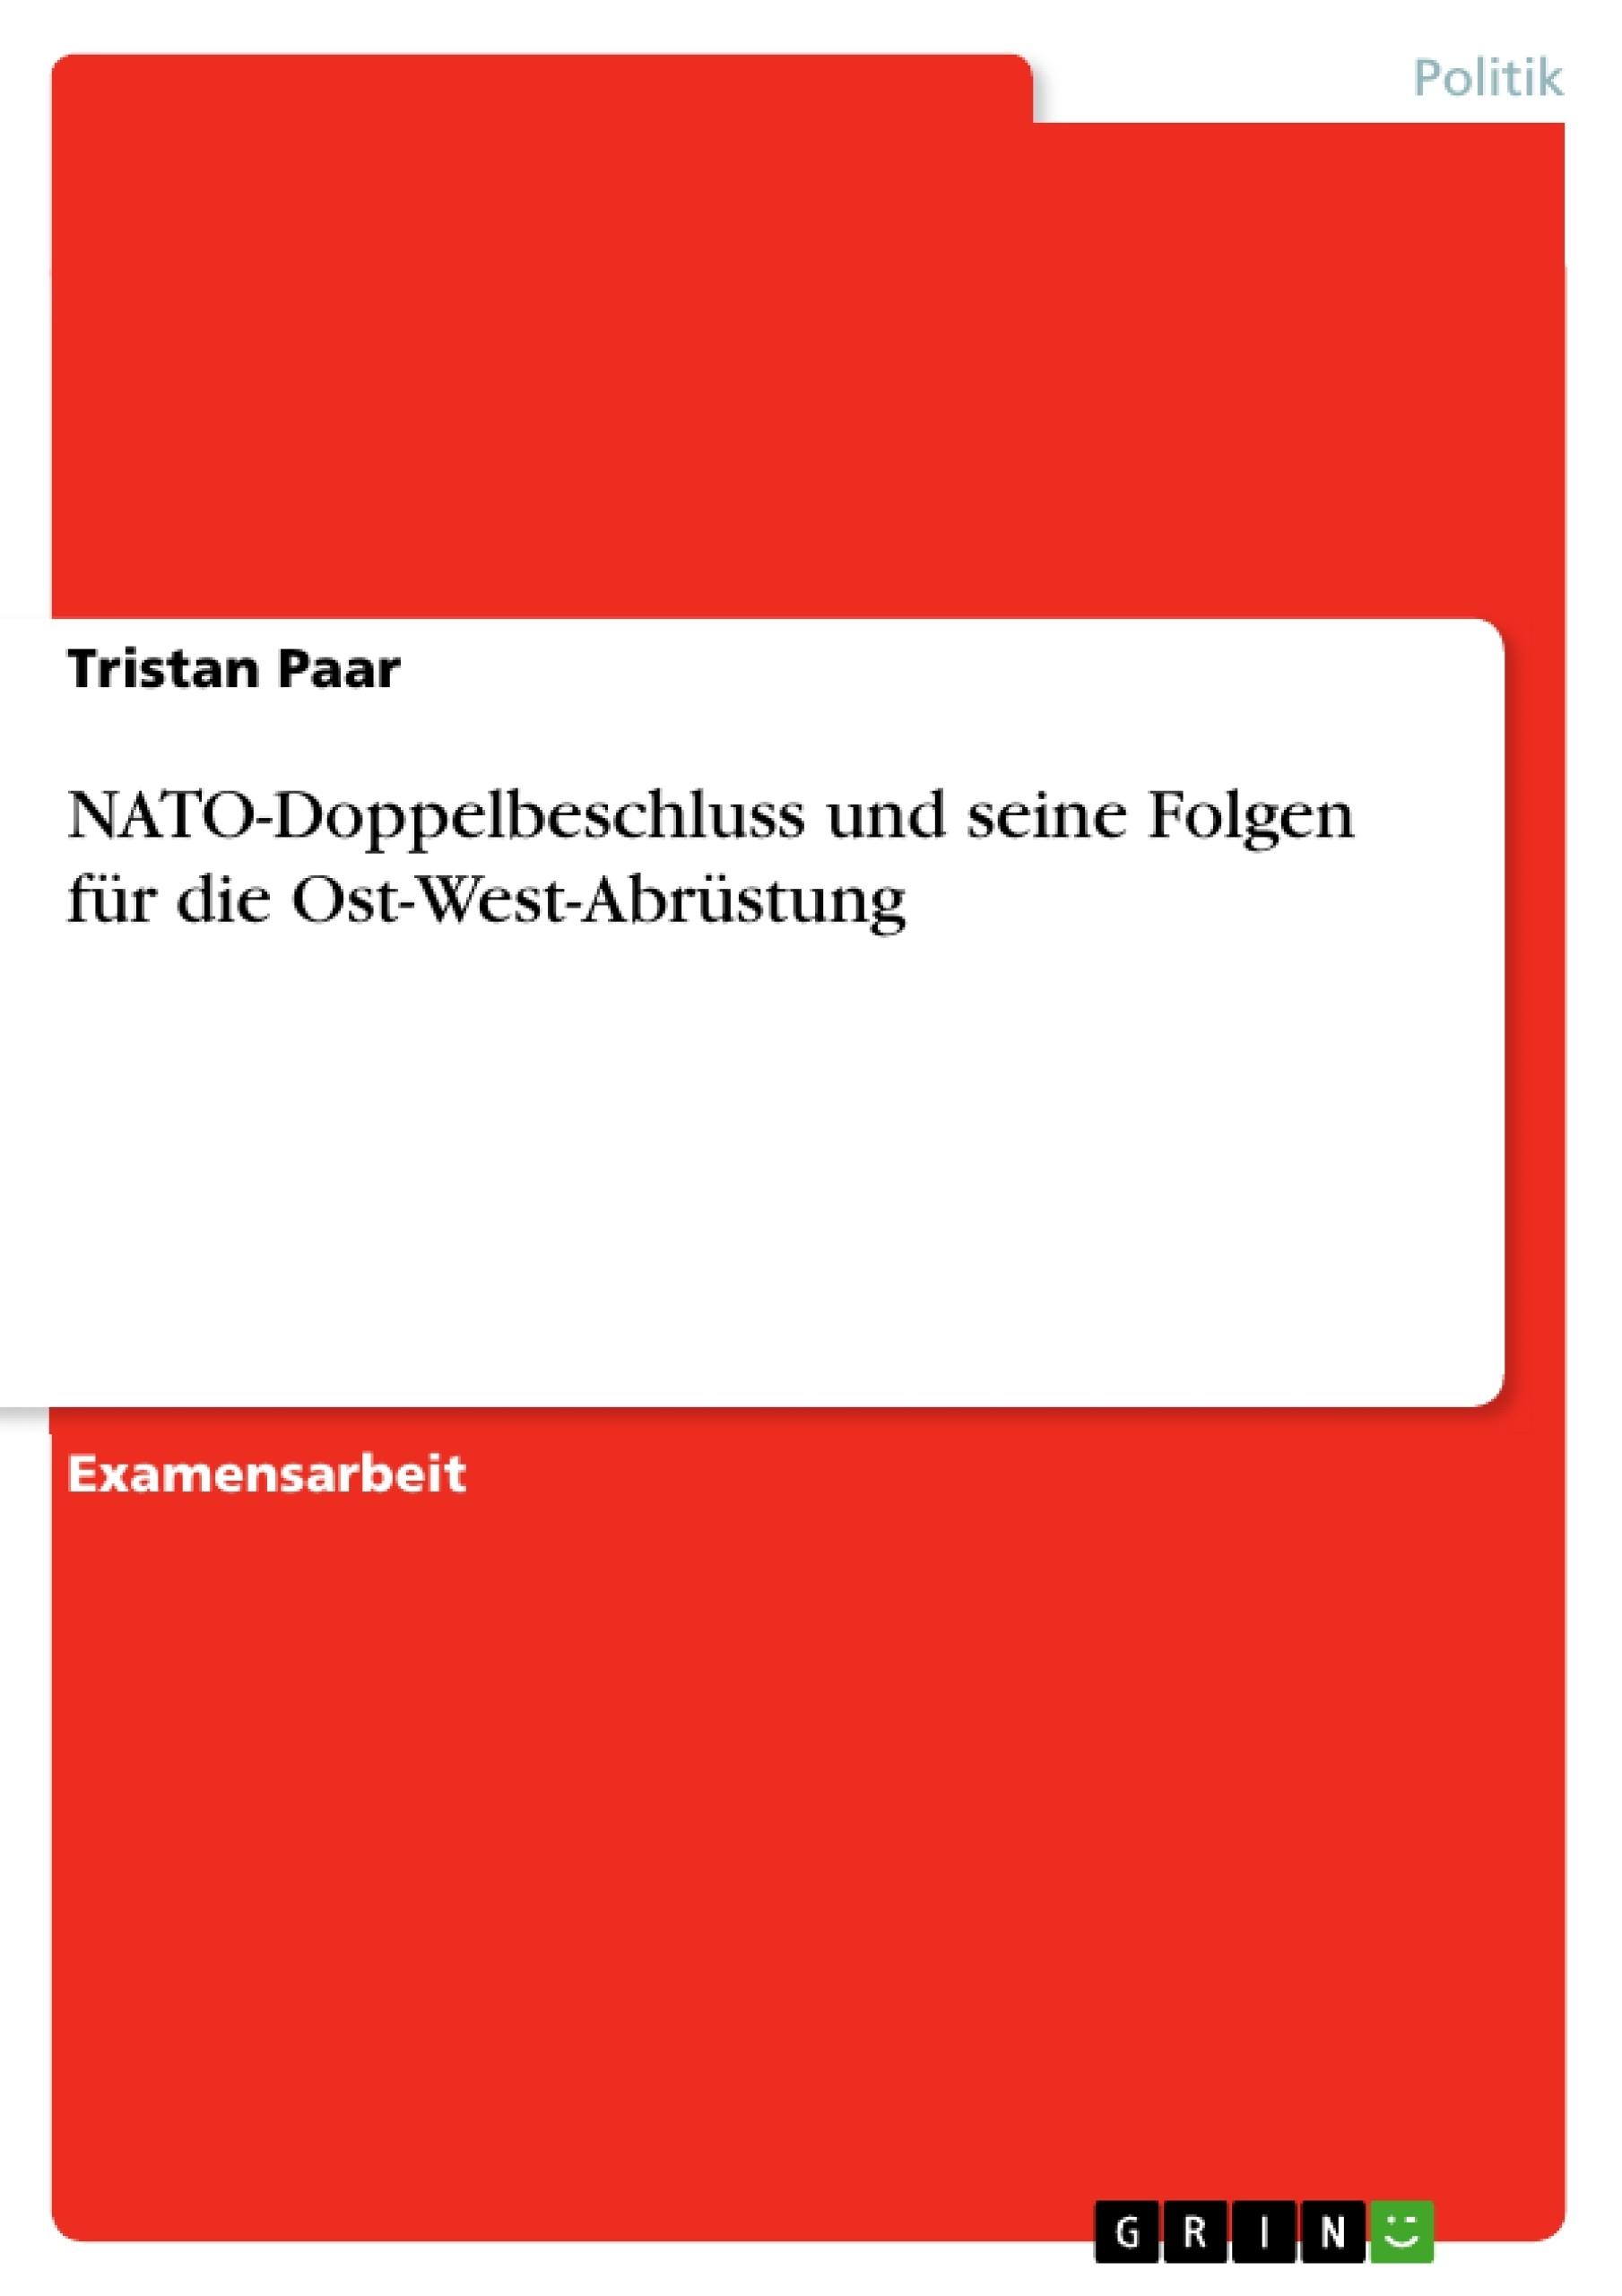 Titel: NATO-Doppelbeschluss und seine Folgen für die Ost-West-Abrüstung